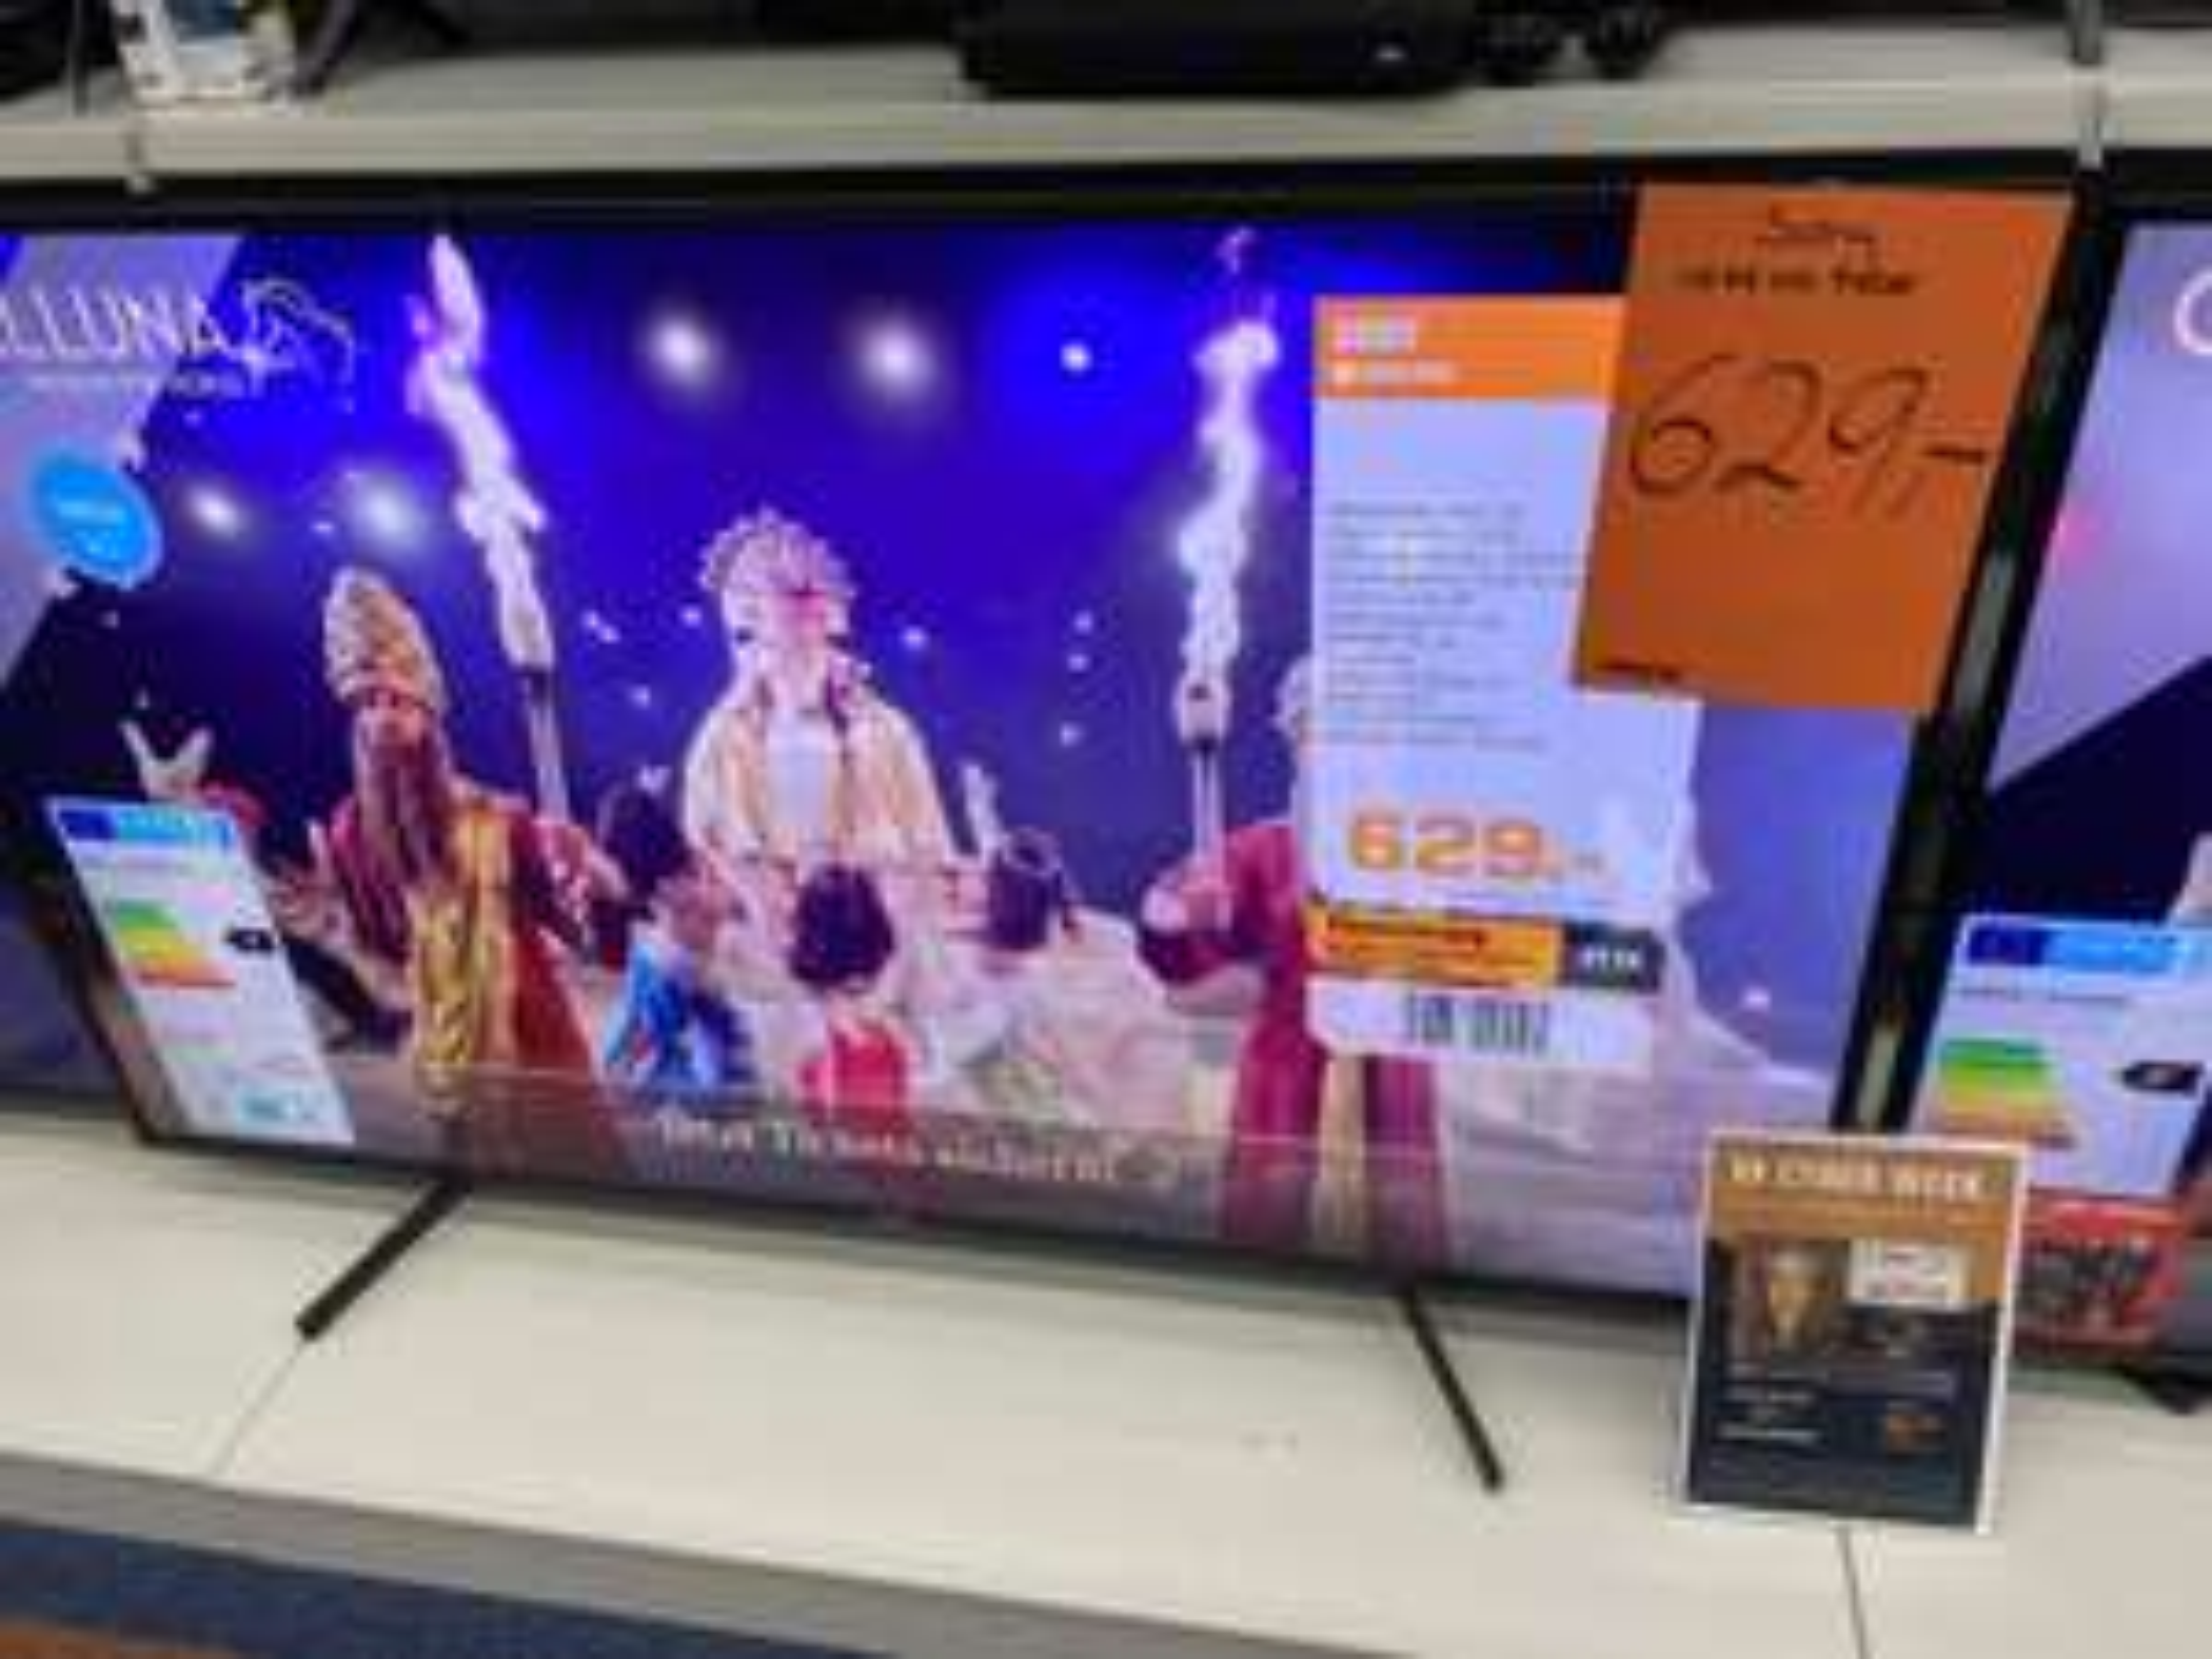 Lokal Hannover Sony KD 65 XG 7005